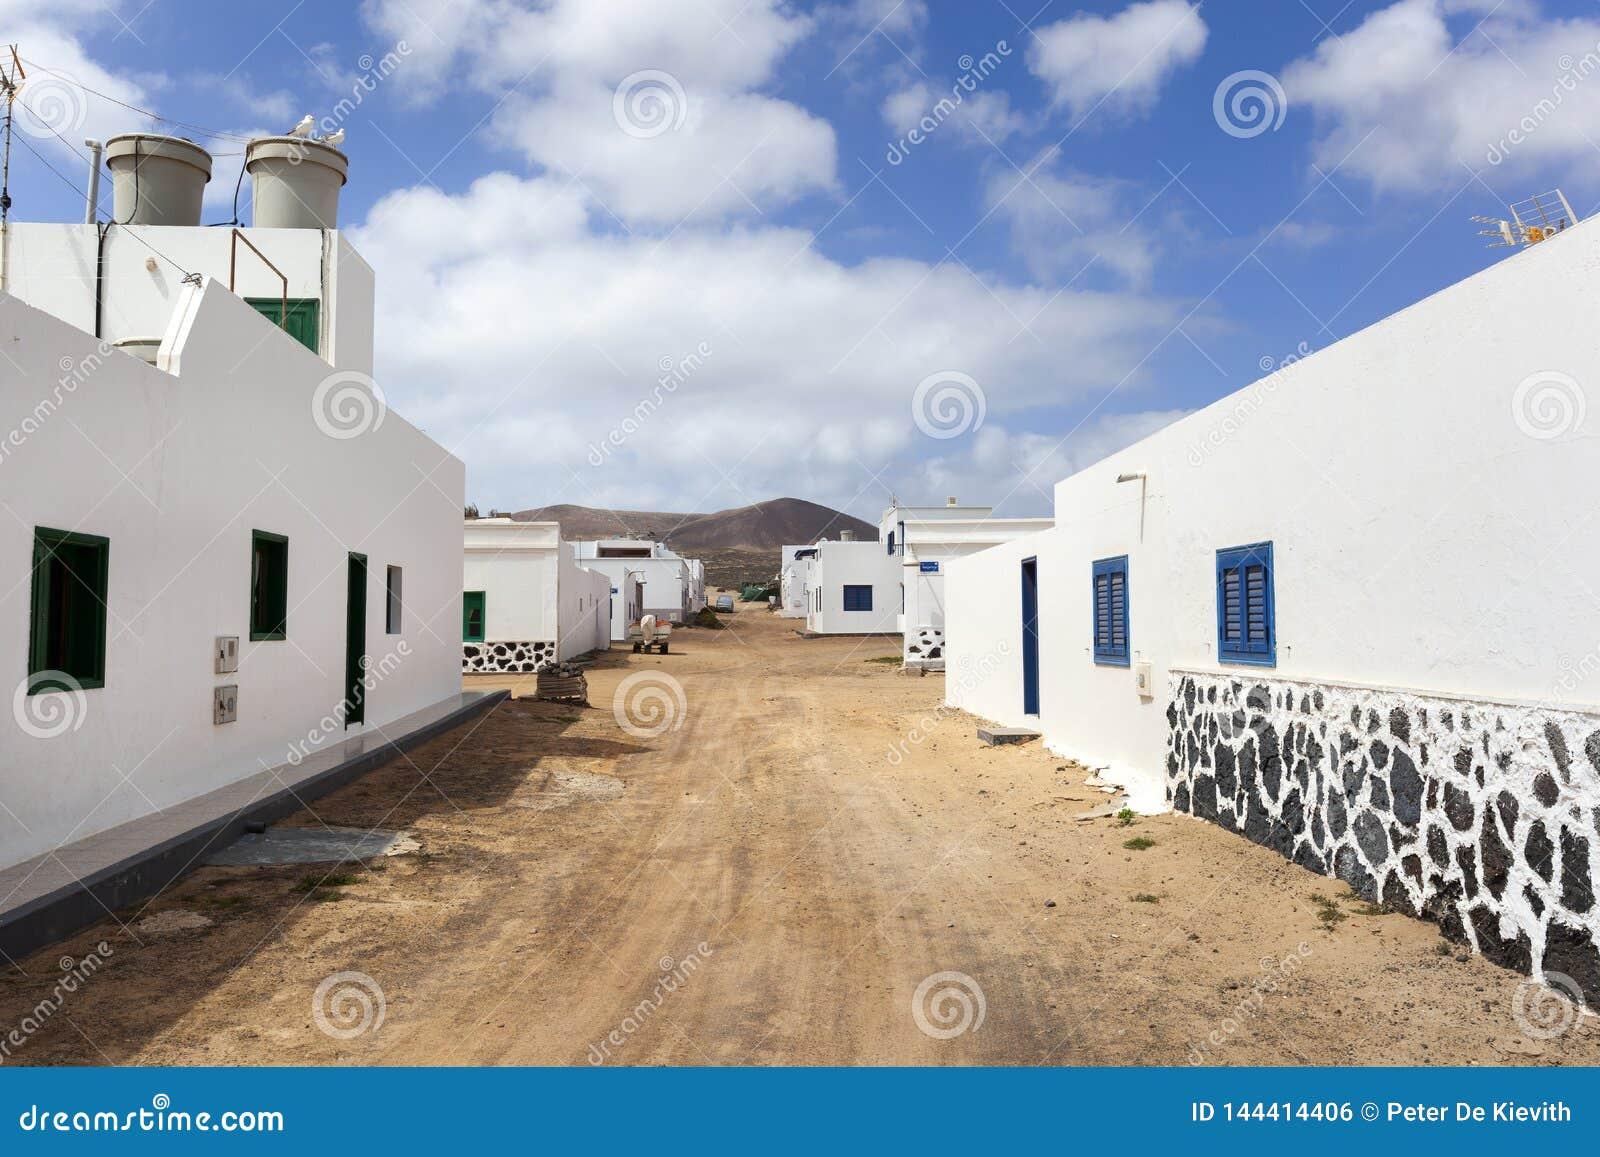 Leere Stra?e mit Sand und wei?e H?user in Caleta de Sebo auf dem Insel La Graciosa